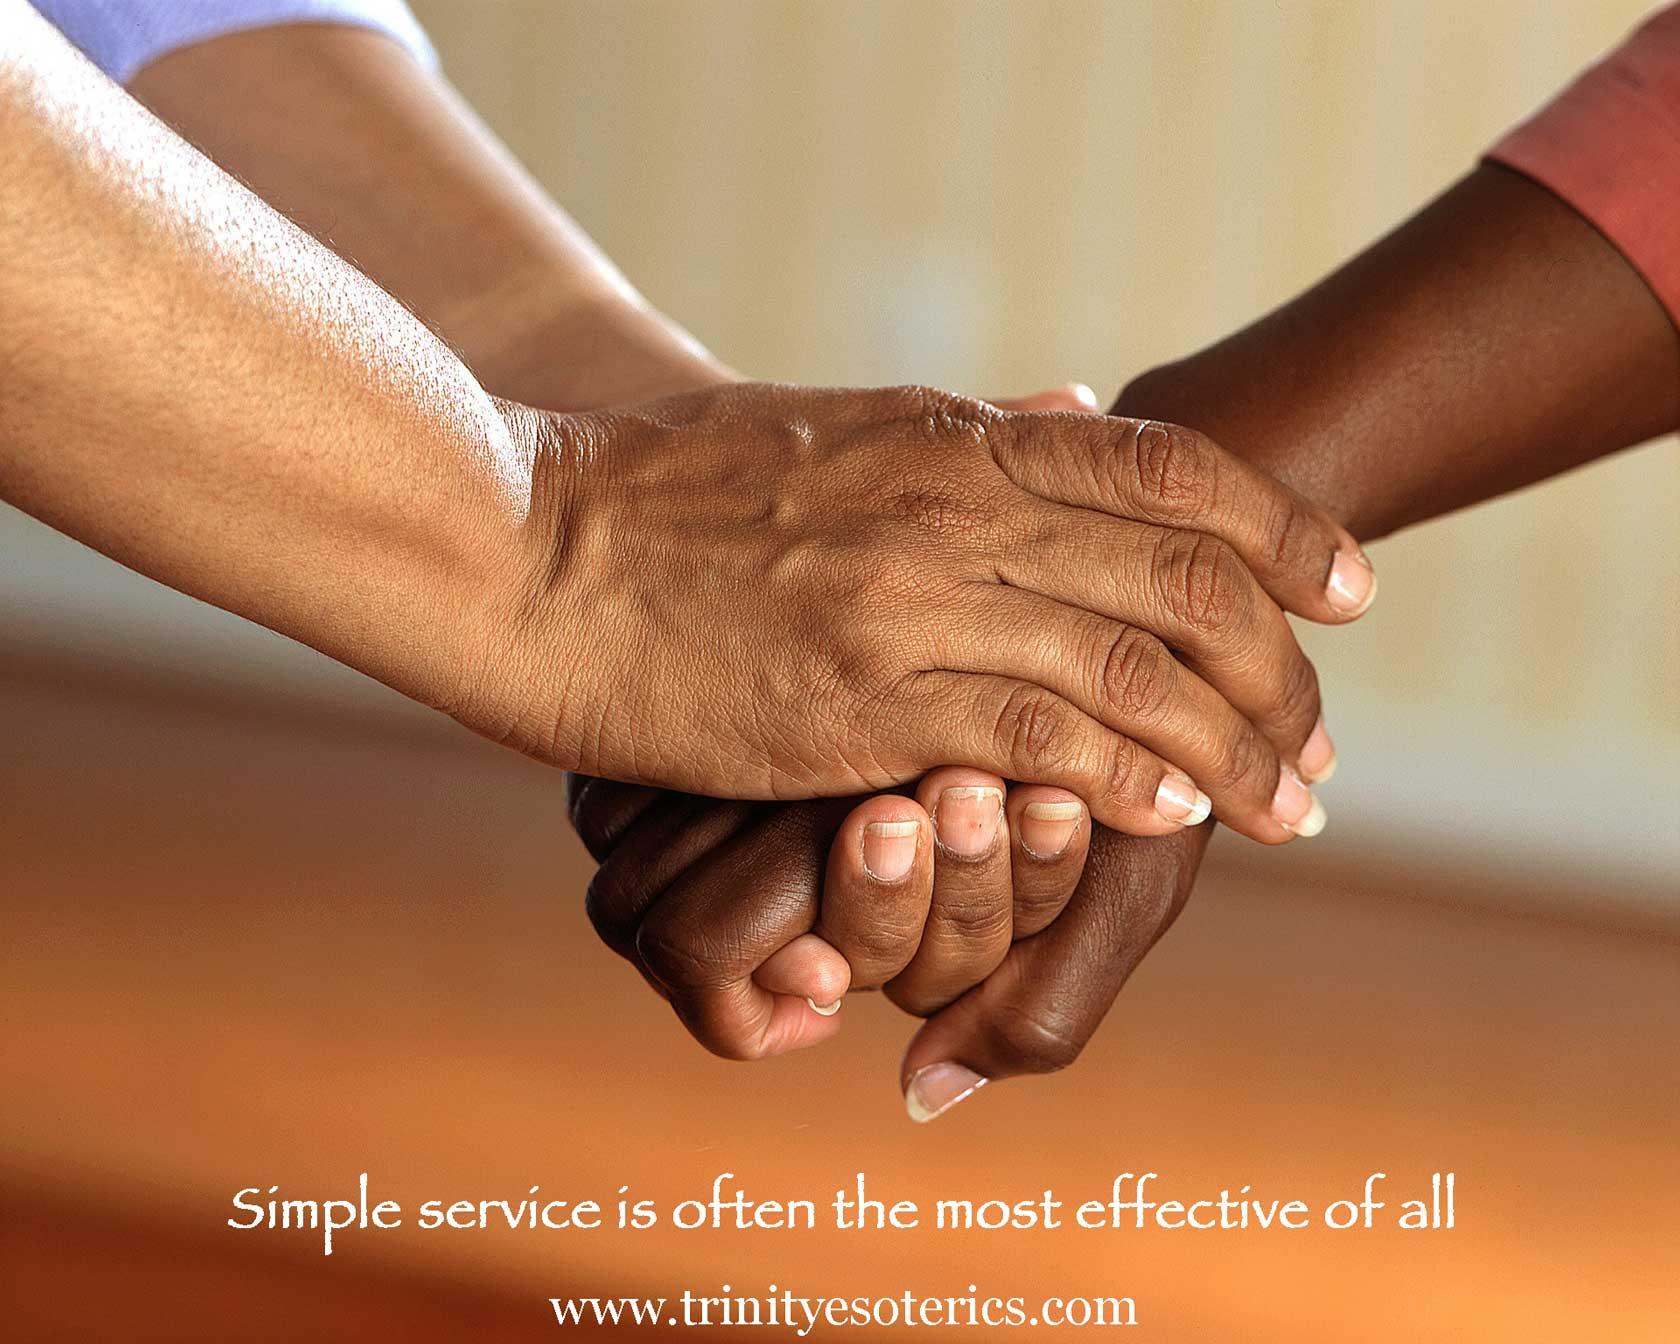 caring hands trinity esoterics